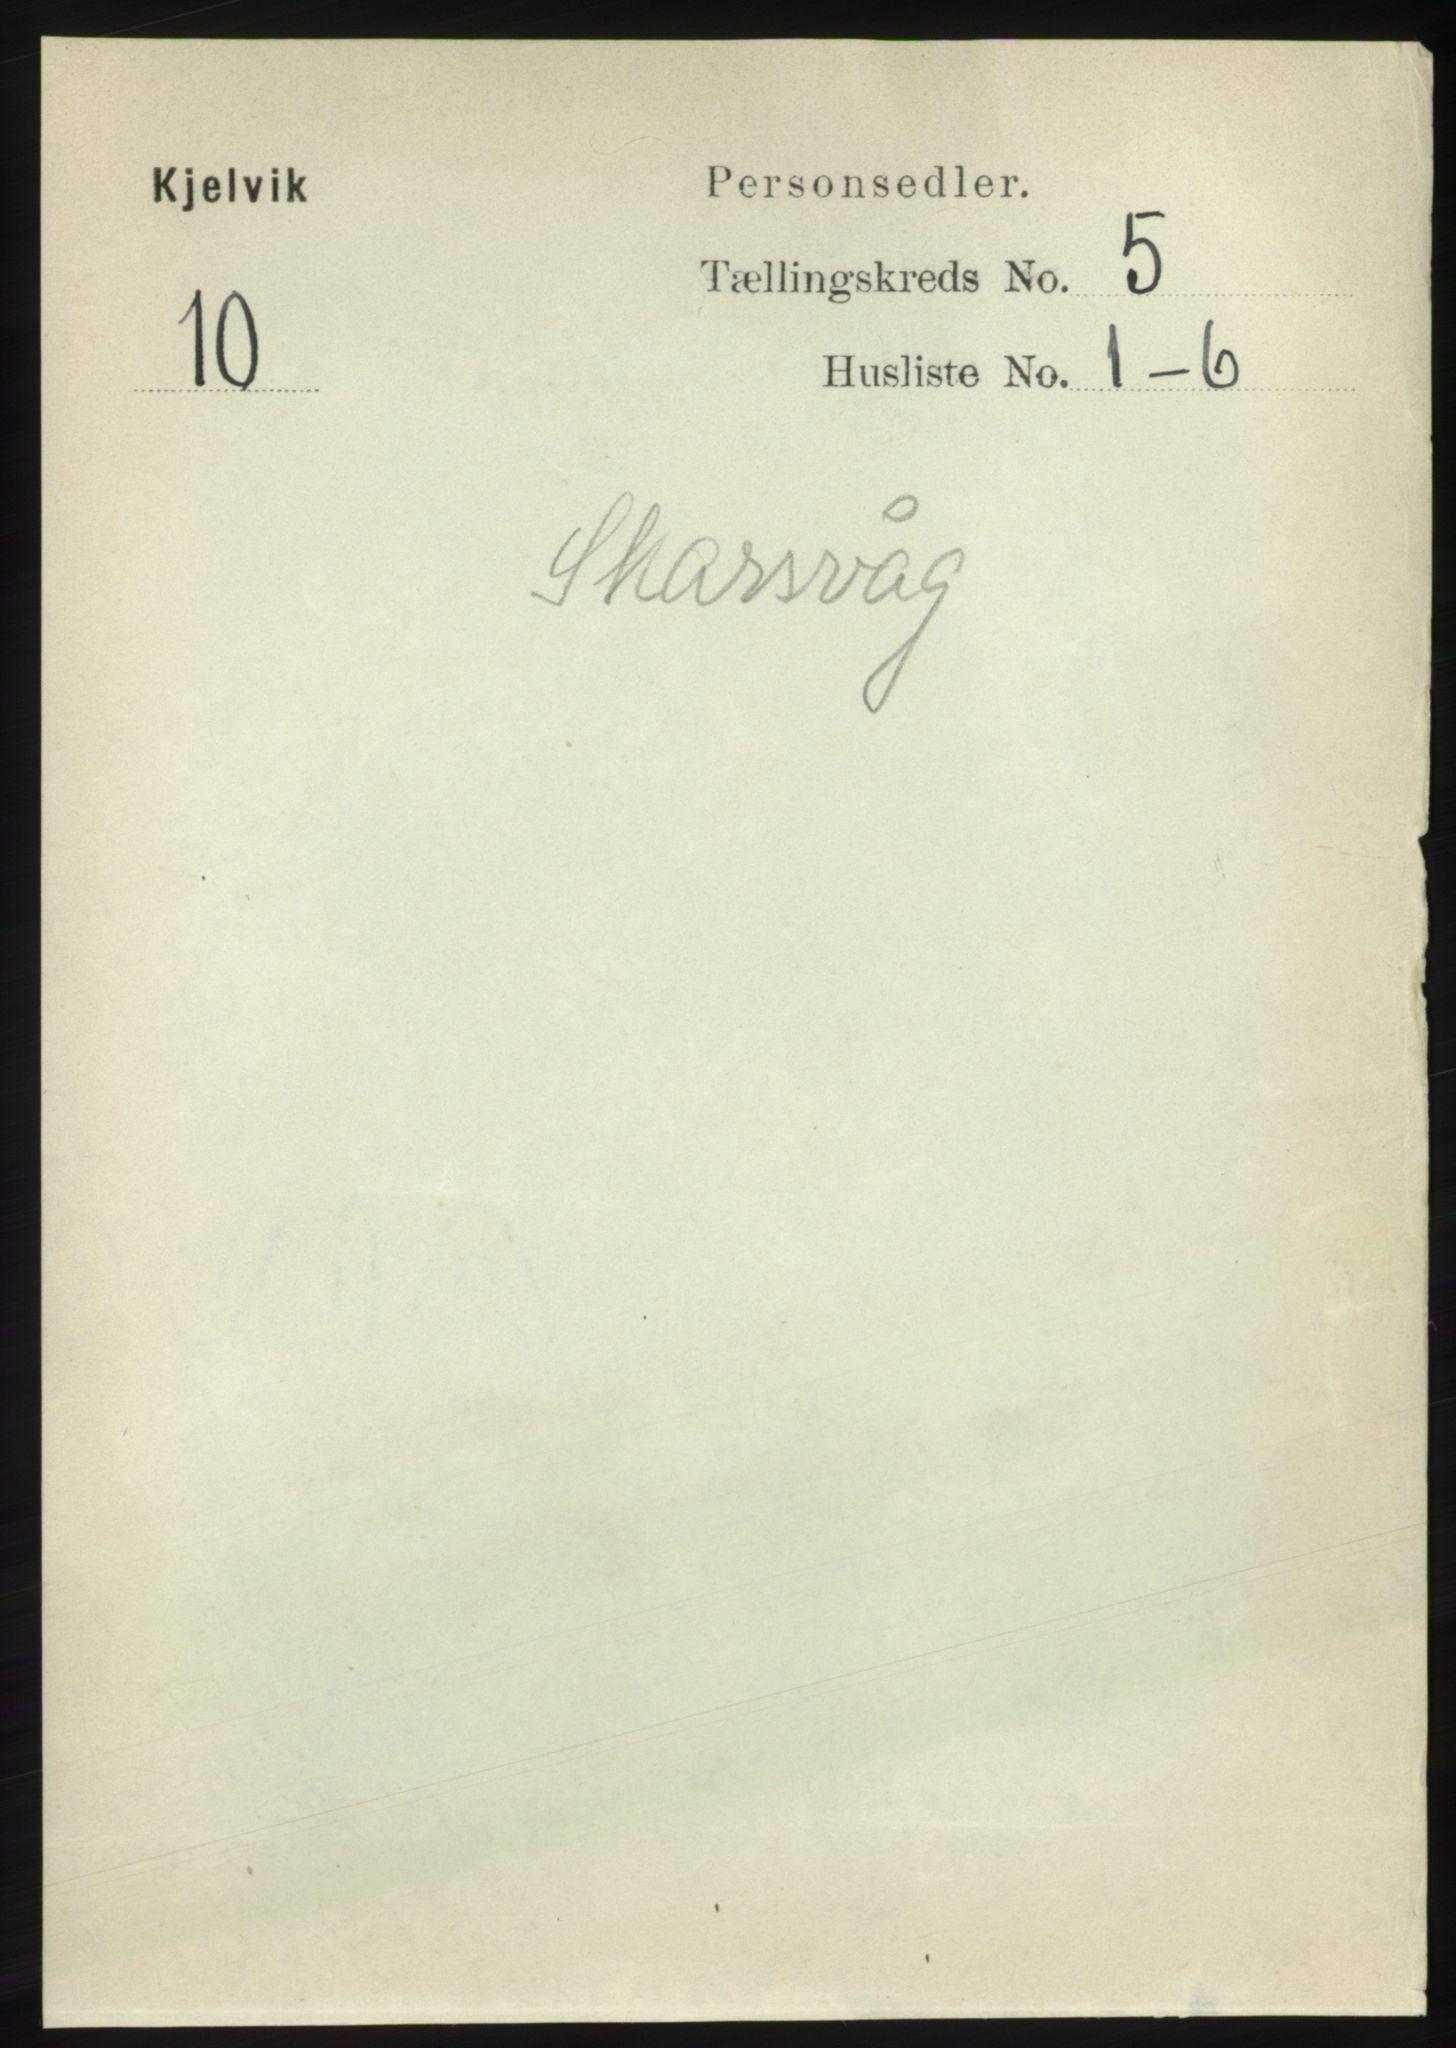 RA, Folketelling 1891 for 2019 Kjelvik herred, 1891, s. 545